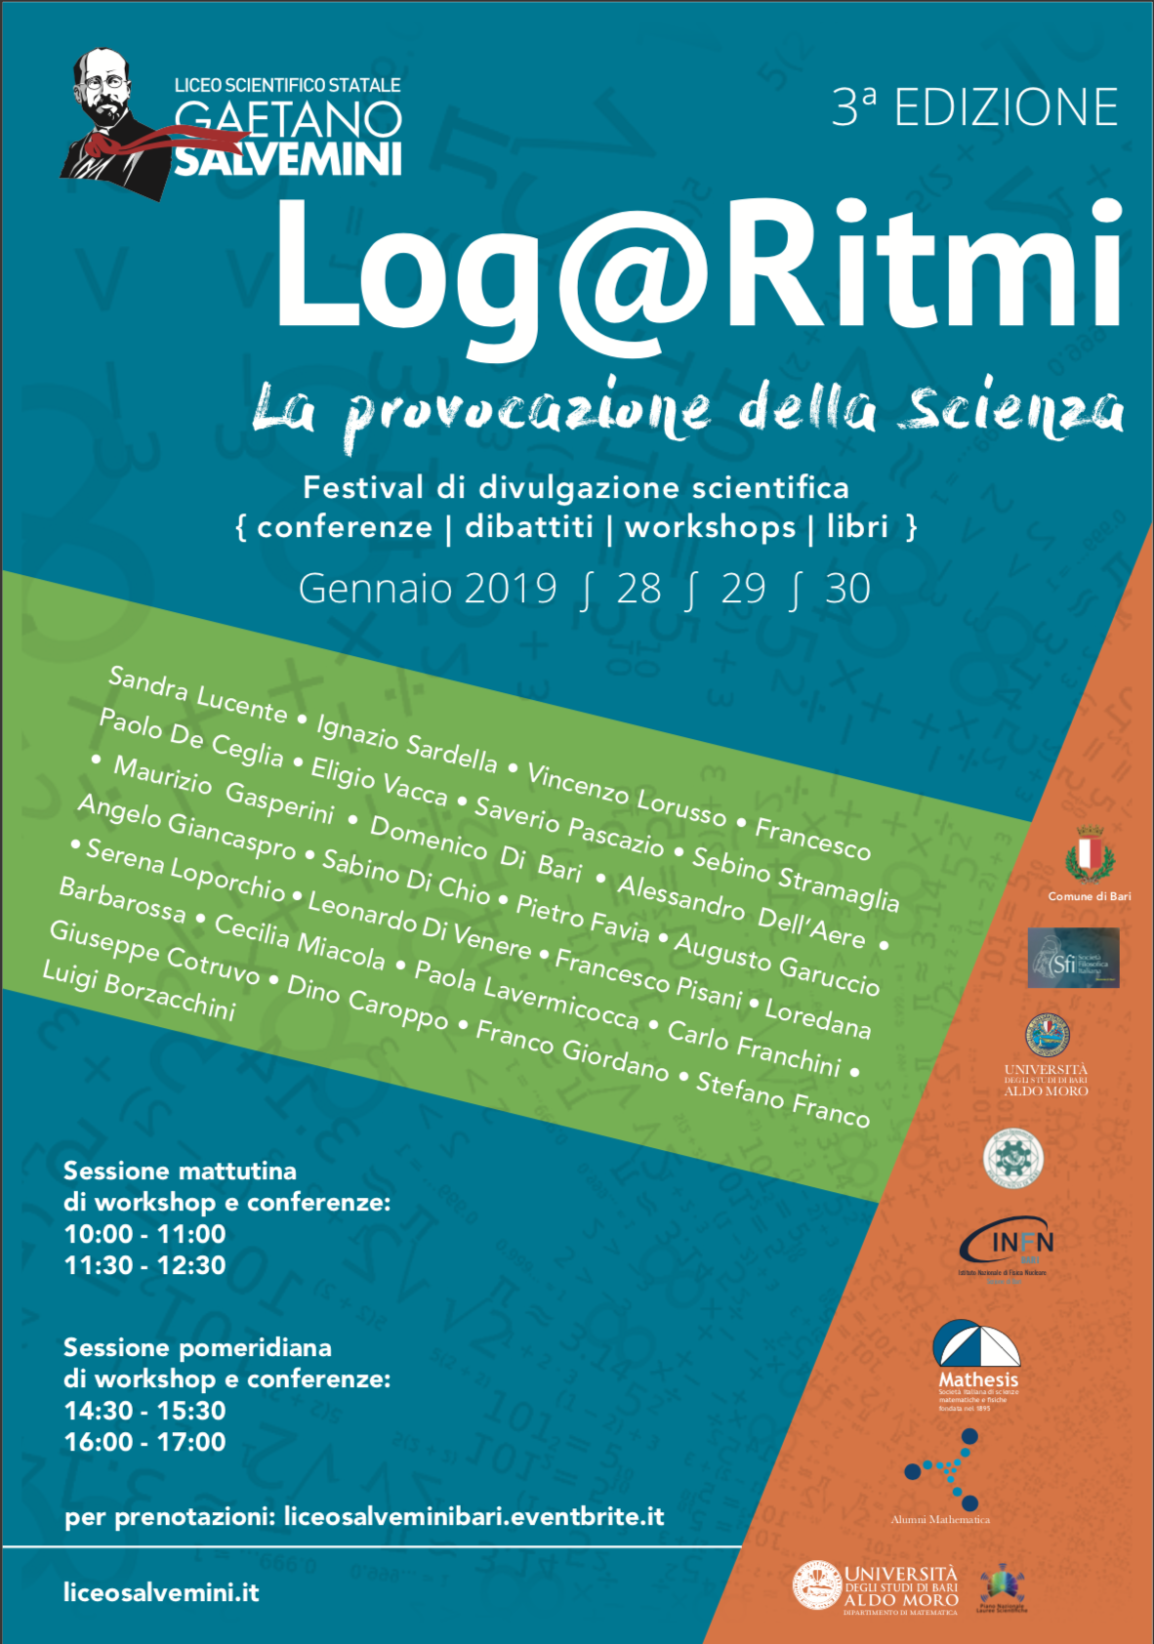 Alumni Mathematica al festival della scienza Log@Ritmi